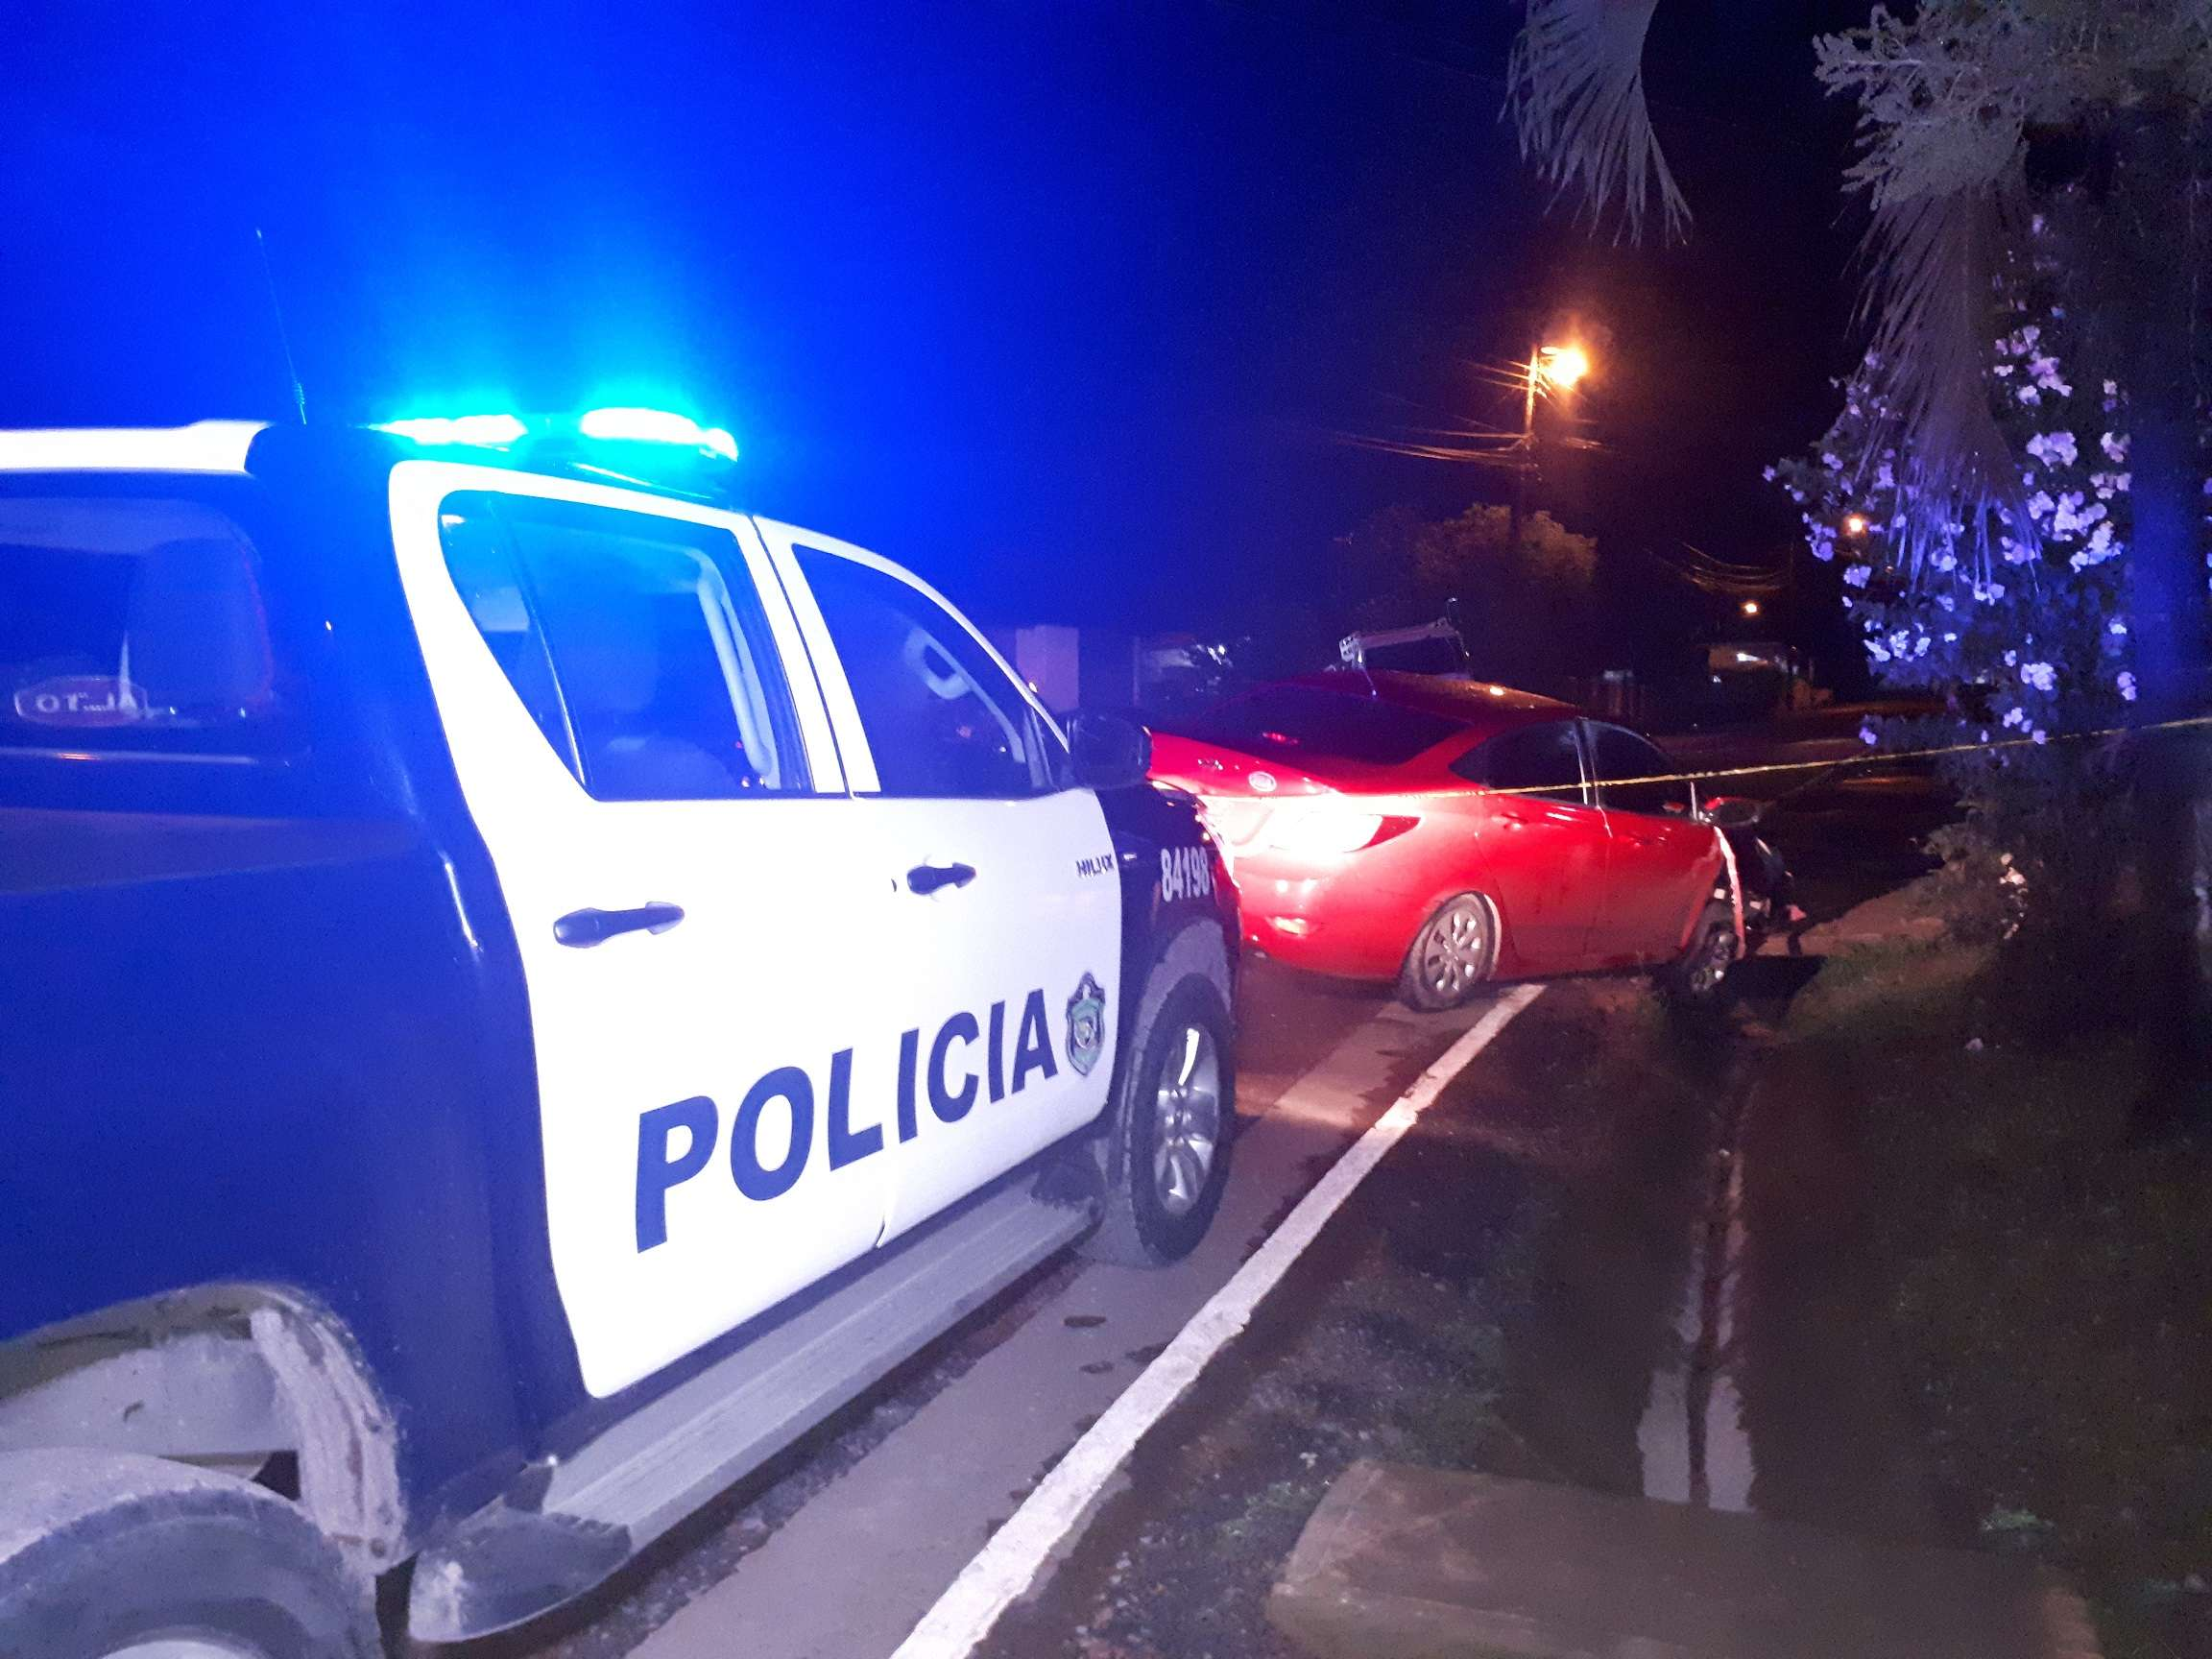 El hecho lamentable se investiga por parte de las autoridades competentes. Foto: Melquides Vásquez